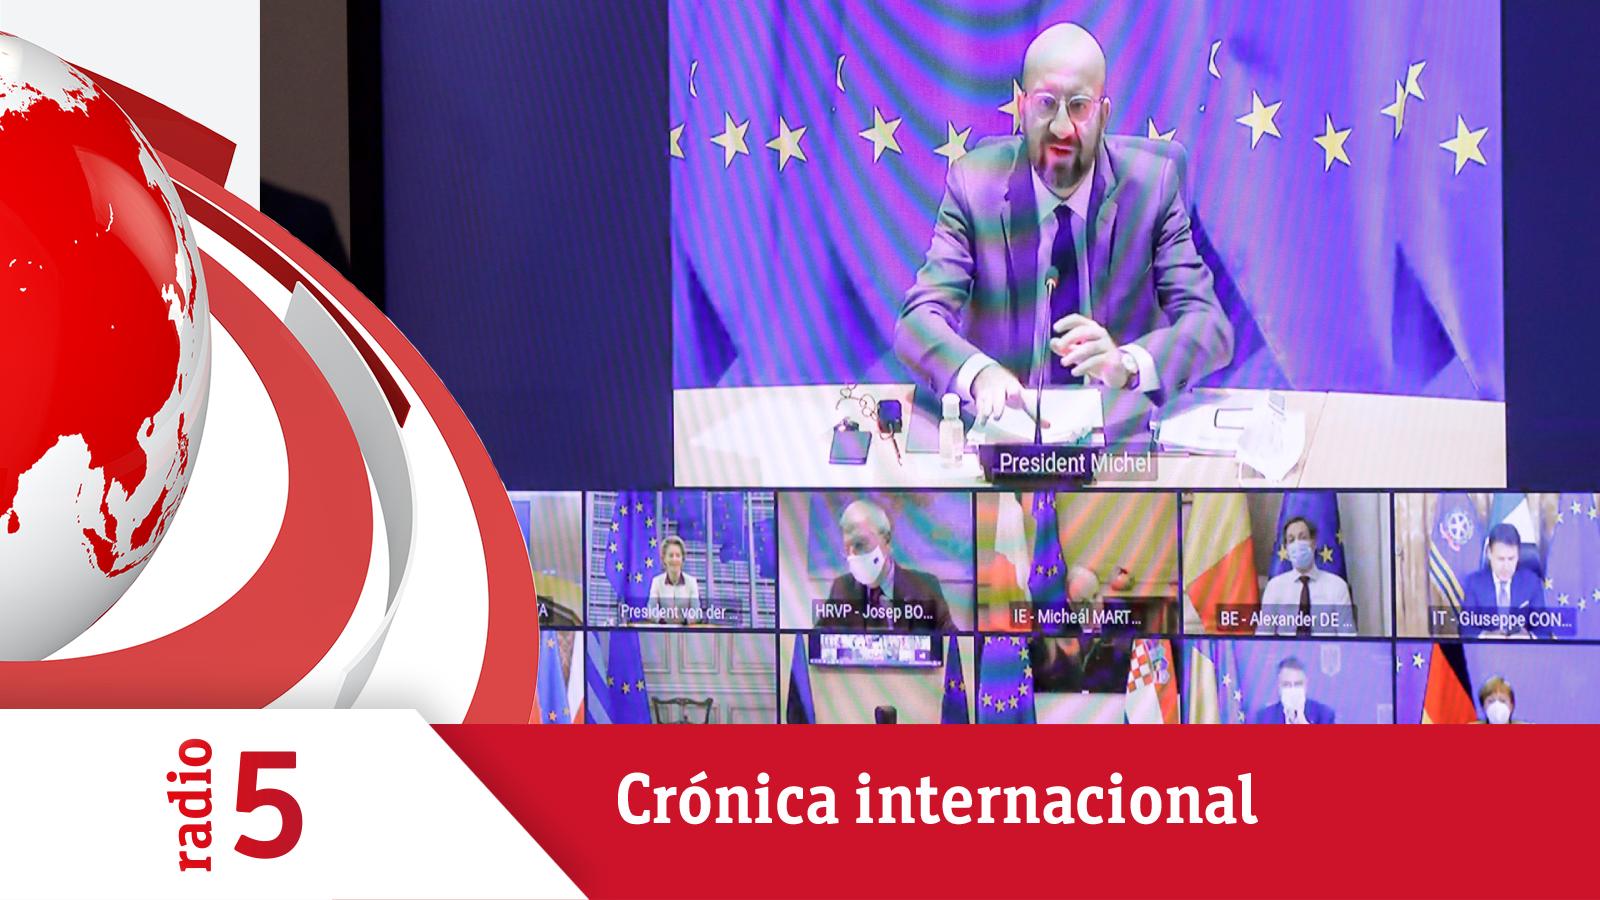 Crónica internacional - La UE pide reducir la movilidad interna - Escuchar ahora